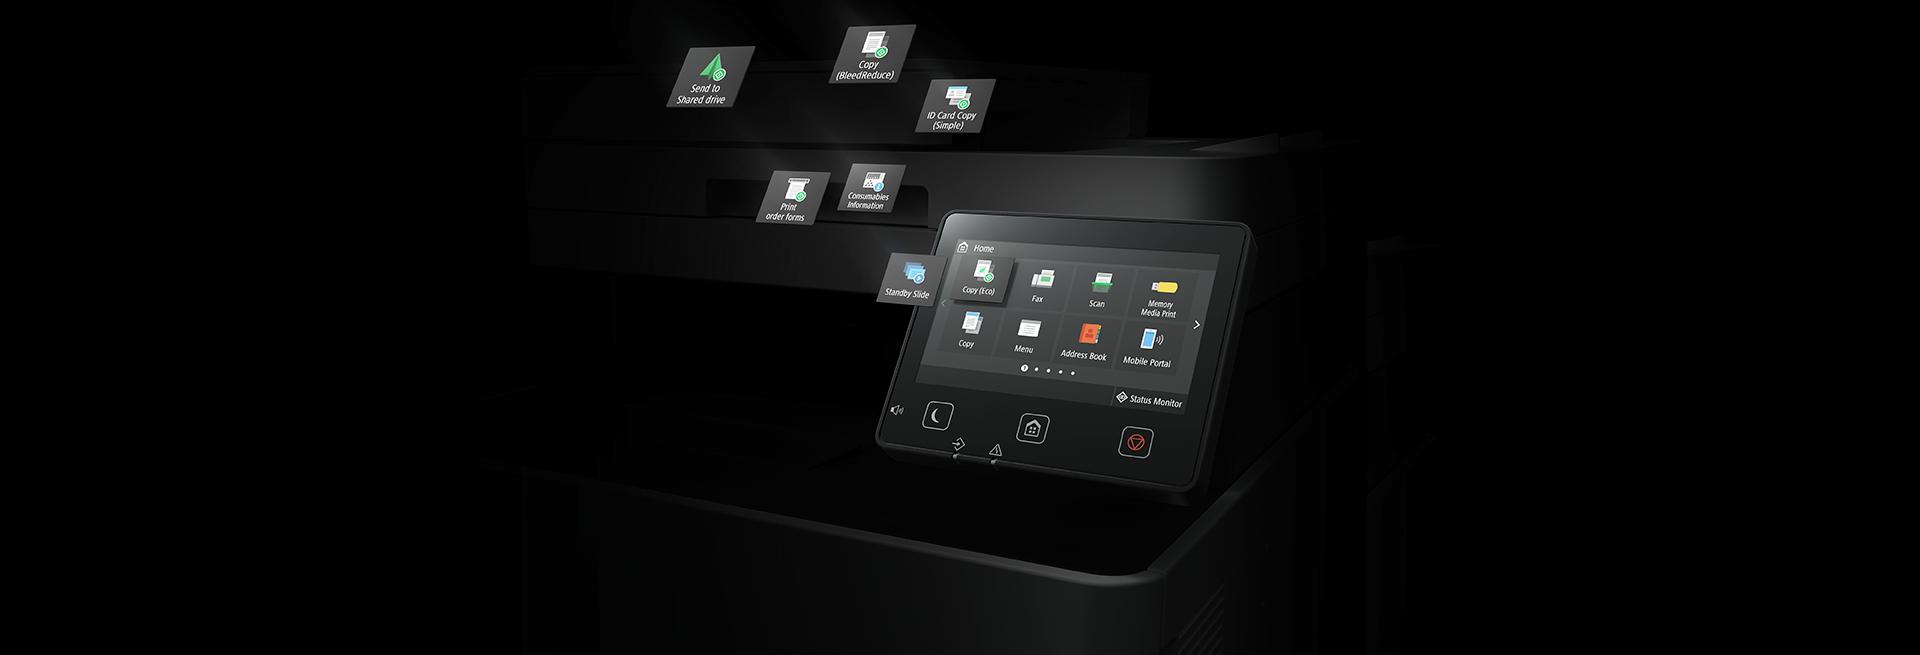 От домашнего офиса до корпорации: новые лазерные устройства из линейки Canon i-SENSYS - 1